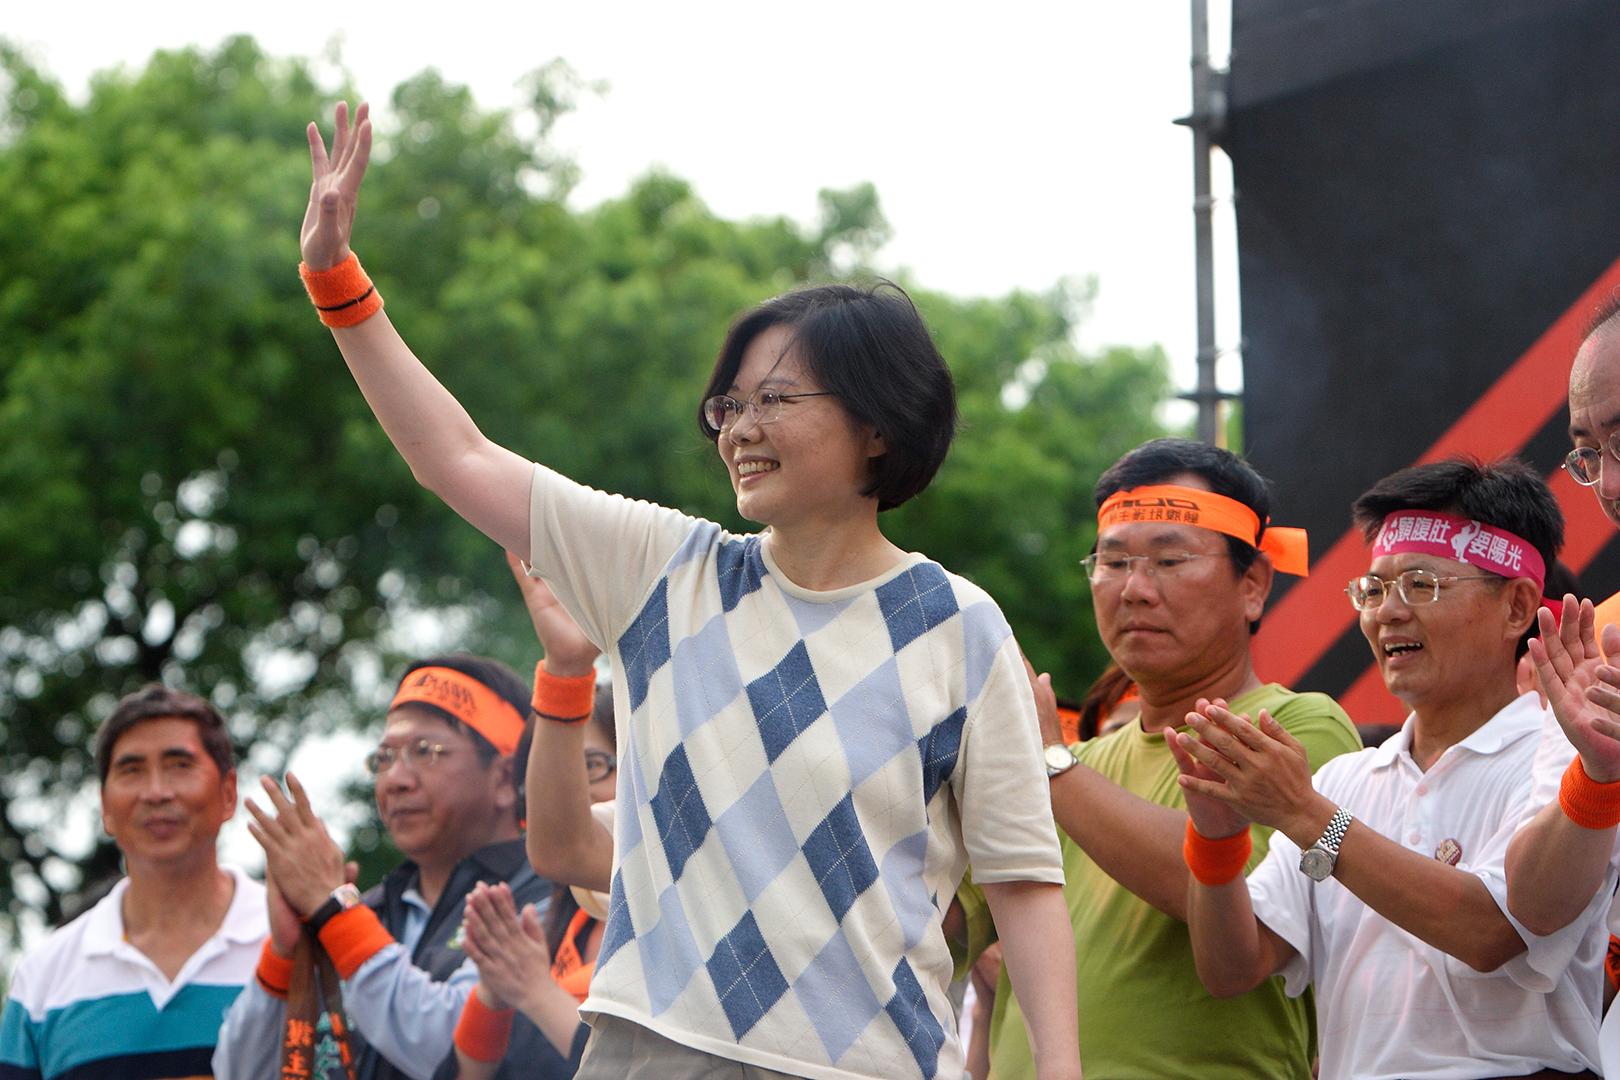 ताइवान, चीन, साइ इंग वेन, अमेरिका, राष्ट्रपति, साइ इंग वेन,